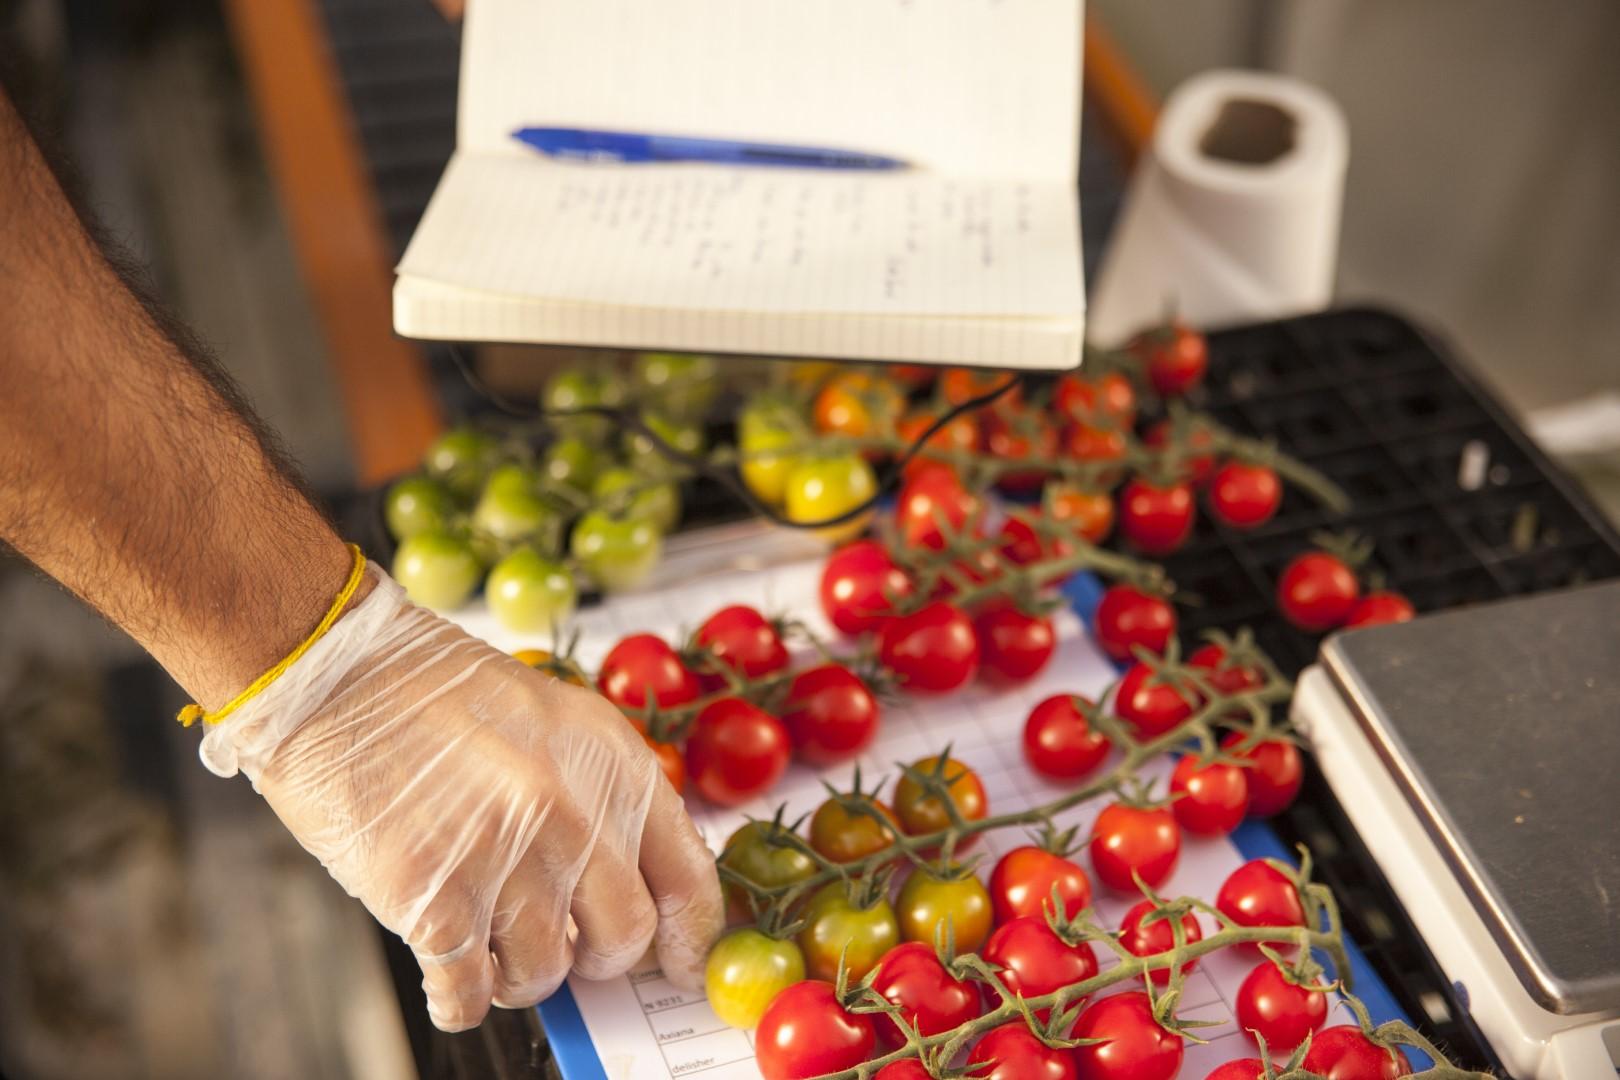 """""""مكتب أبوظبي للاستثمار"""" يخصص 152 مليون درهم لتعزيز إمكانيات منظومة التقنيات الزراعية في الإمارة"""